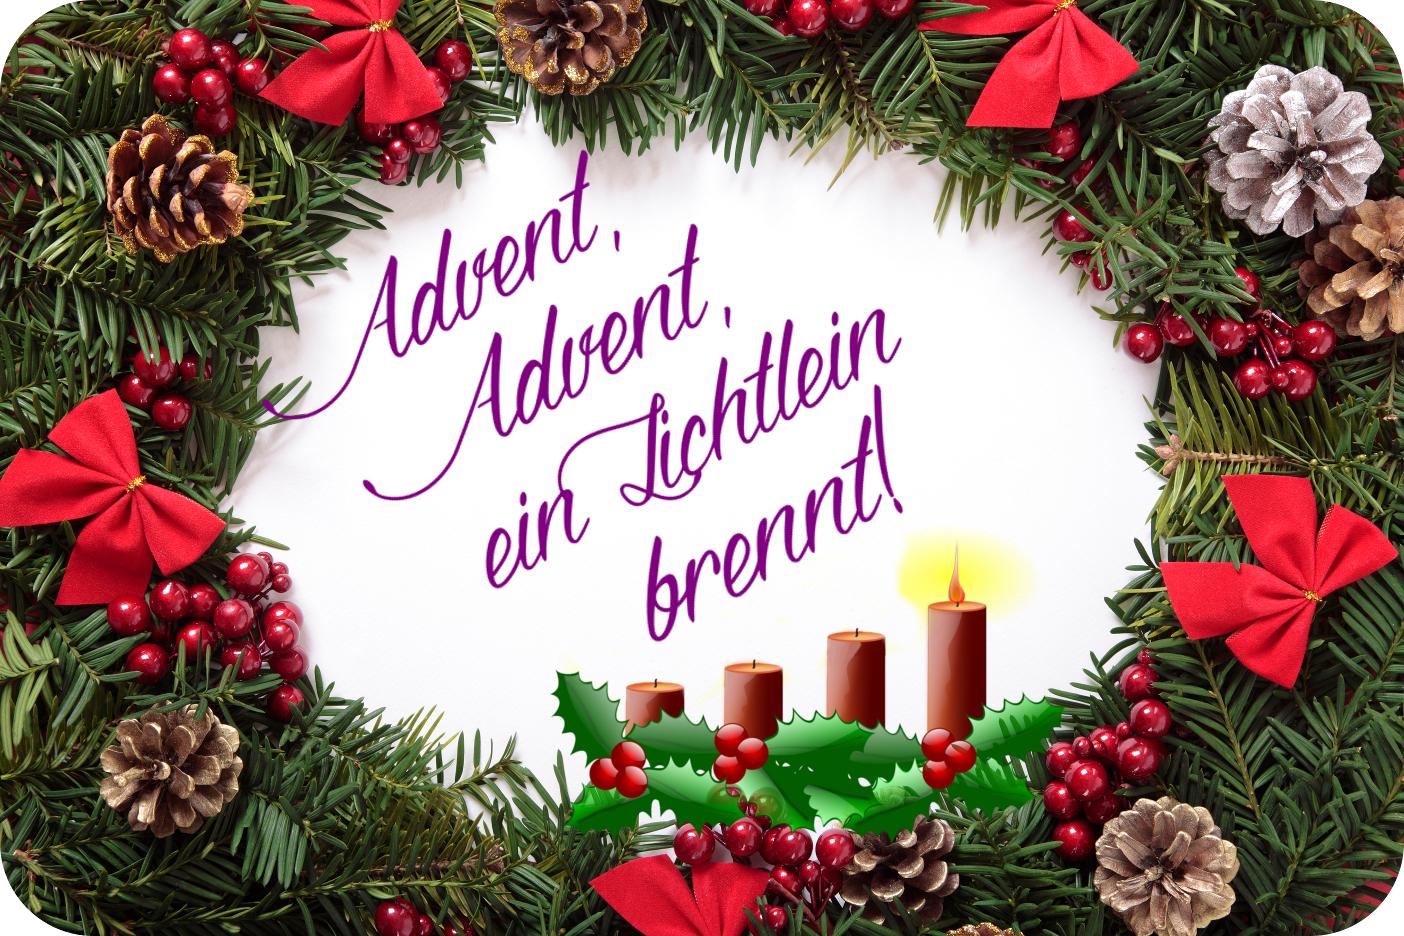 Charleen's Traumbibliothek: [Gewinnspiel] Advent, Advent in Advent Advent Ein Türke Brennt